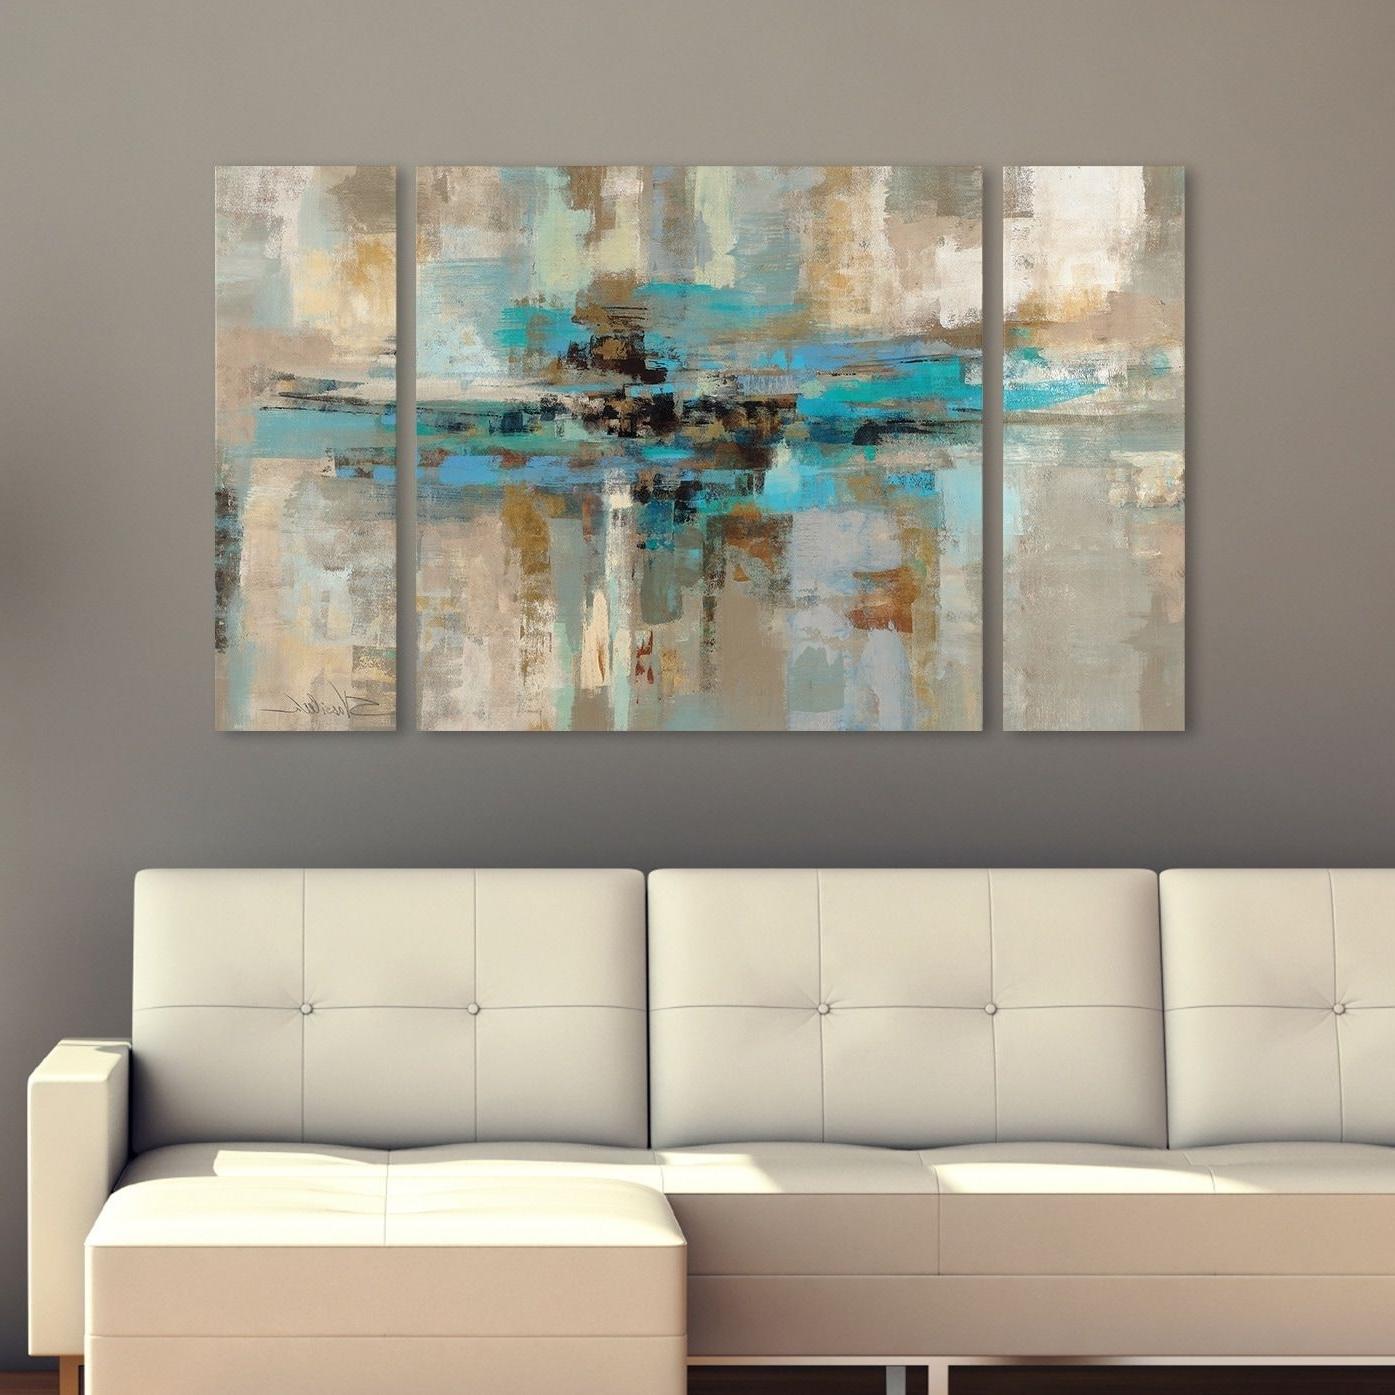 Silvia Vassileva Morning Fjord 3 Piece Canvas Wall Art Set In Most Current 3 Piece Canvas Wall Art (Gallery 11 of 15)